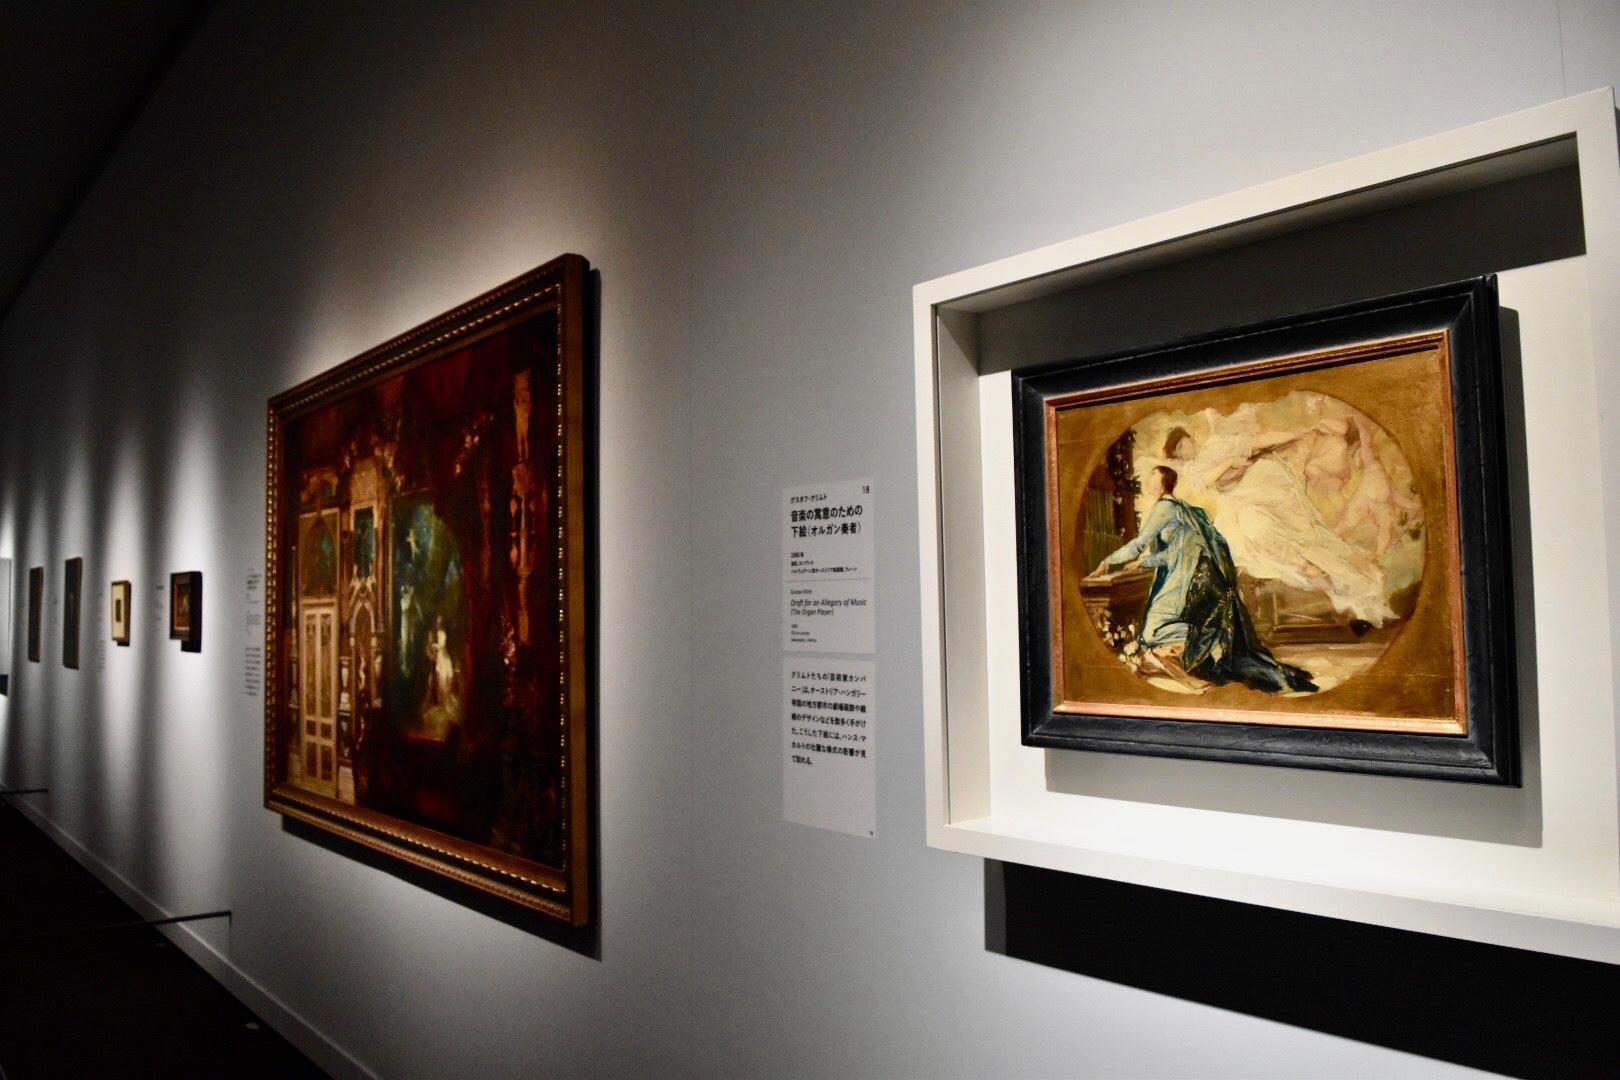 右:グスタフ・クリムト 《音楽の寓意のための下絵(オルガン奏者)》 1885年 ベルヴェデーレ宮オーストリア絵画館蔵